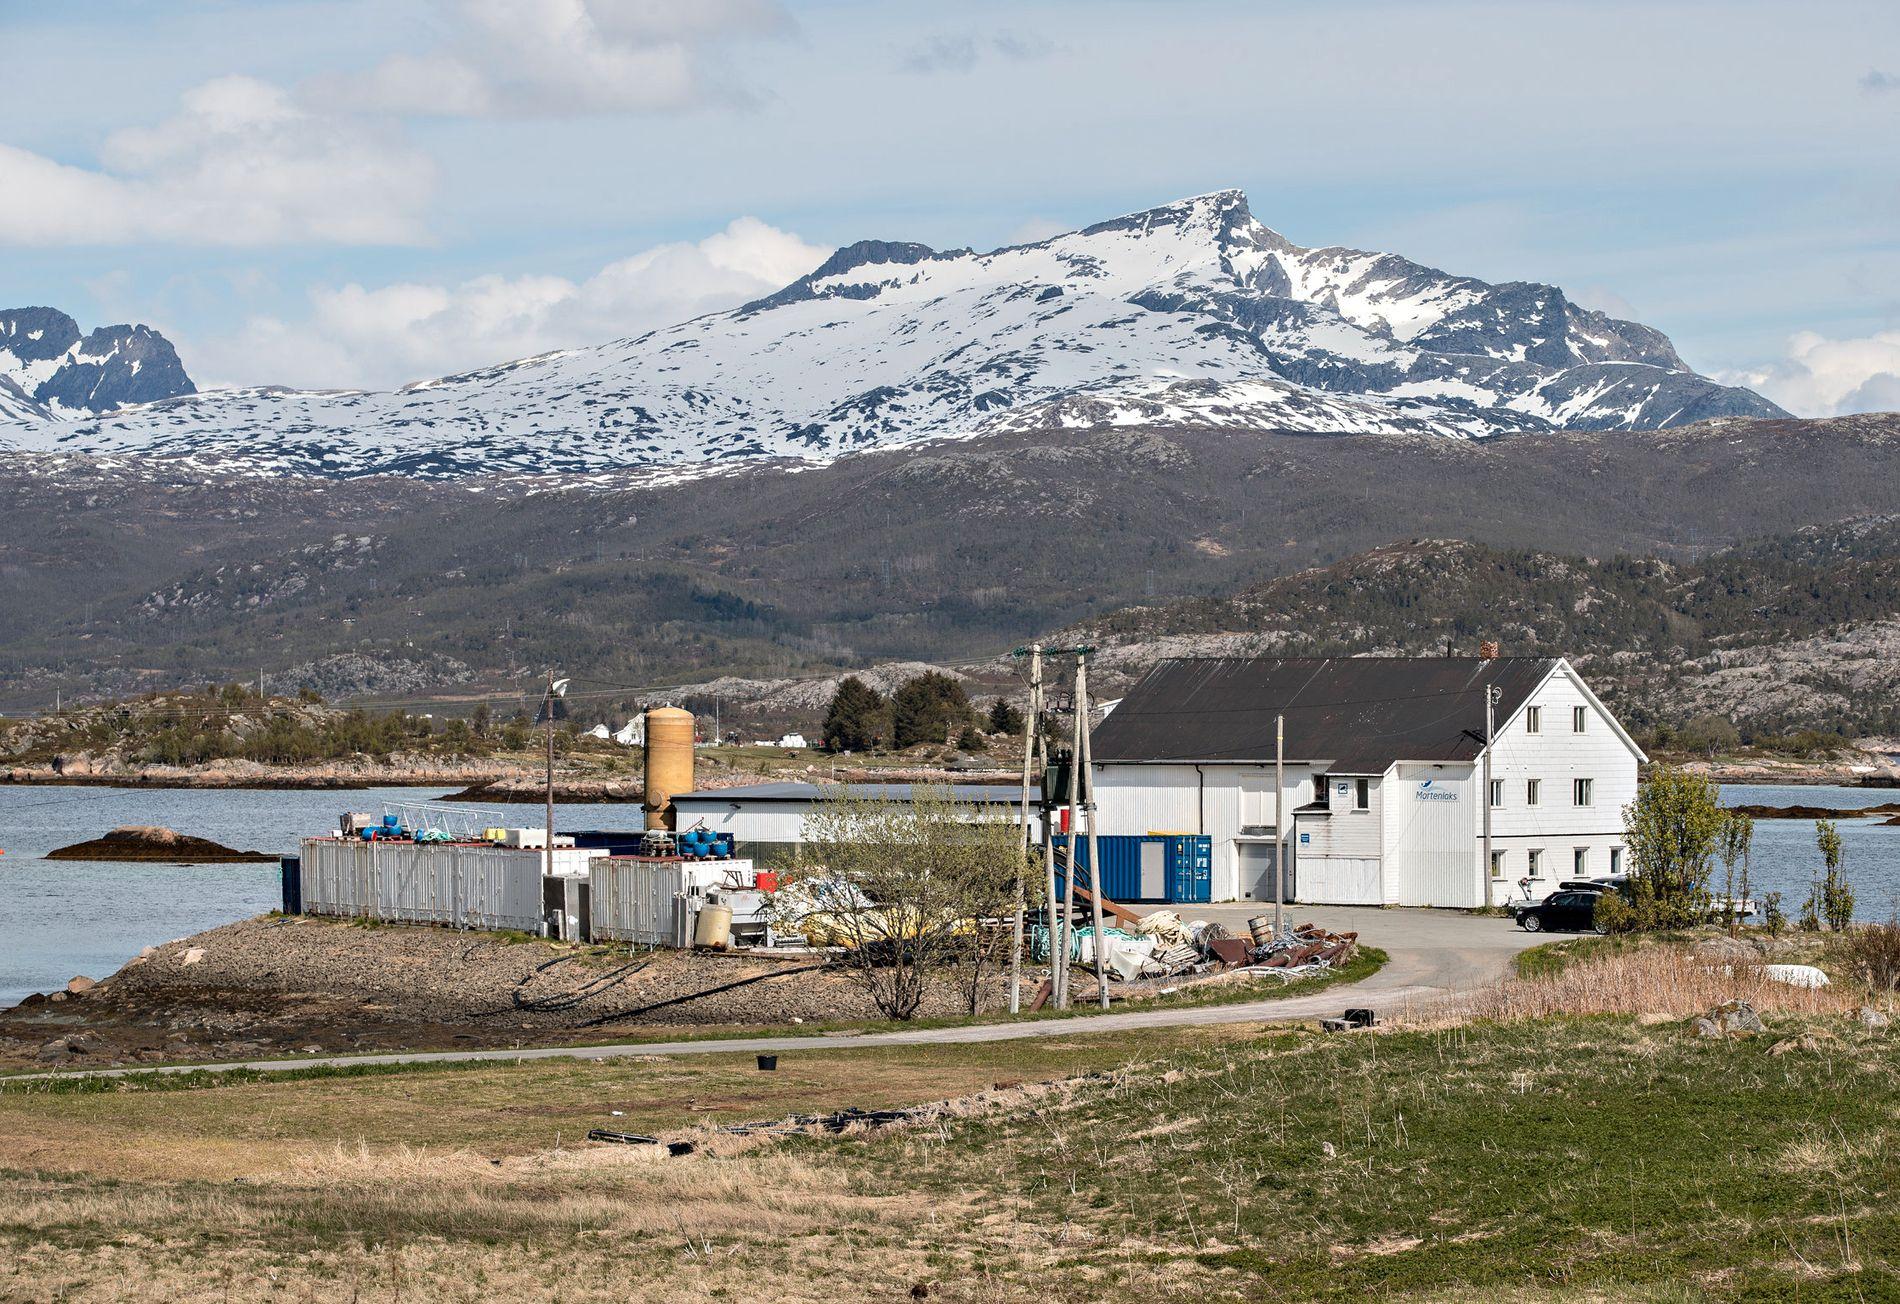 MORTENLAKS: Den vesle oppdretteren Mortenlaks er oppkalt etter sønnen til første eier – og holder til i et gammelt fiskemottak.